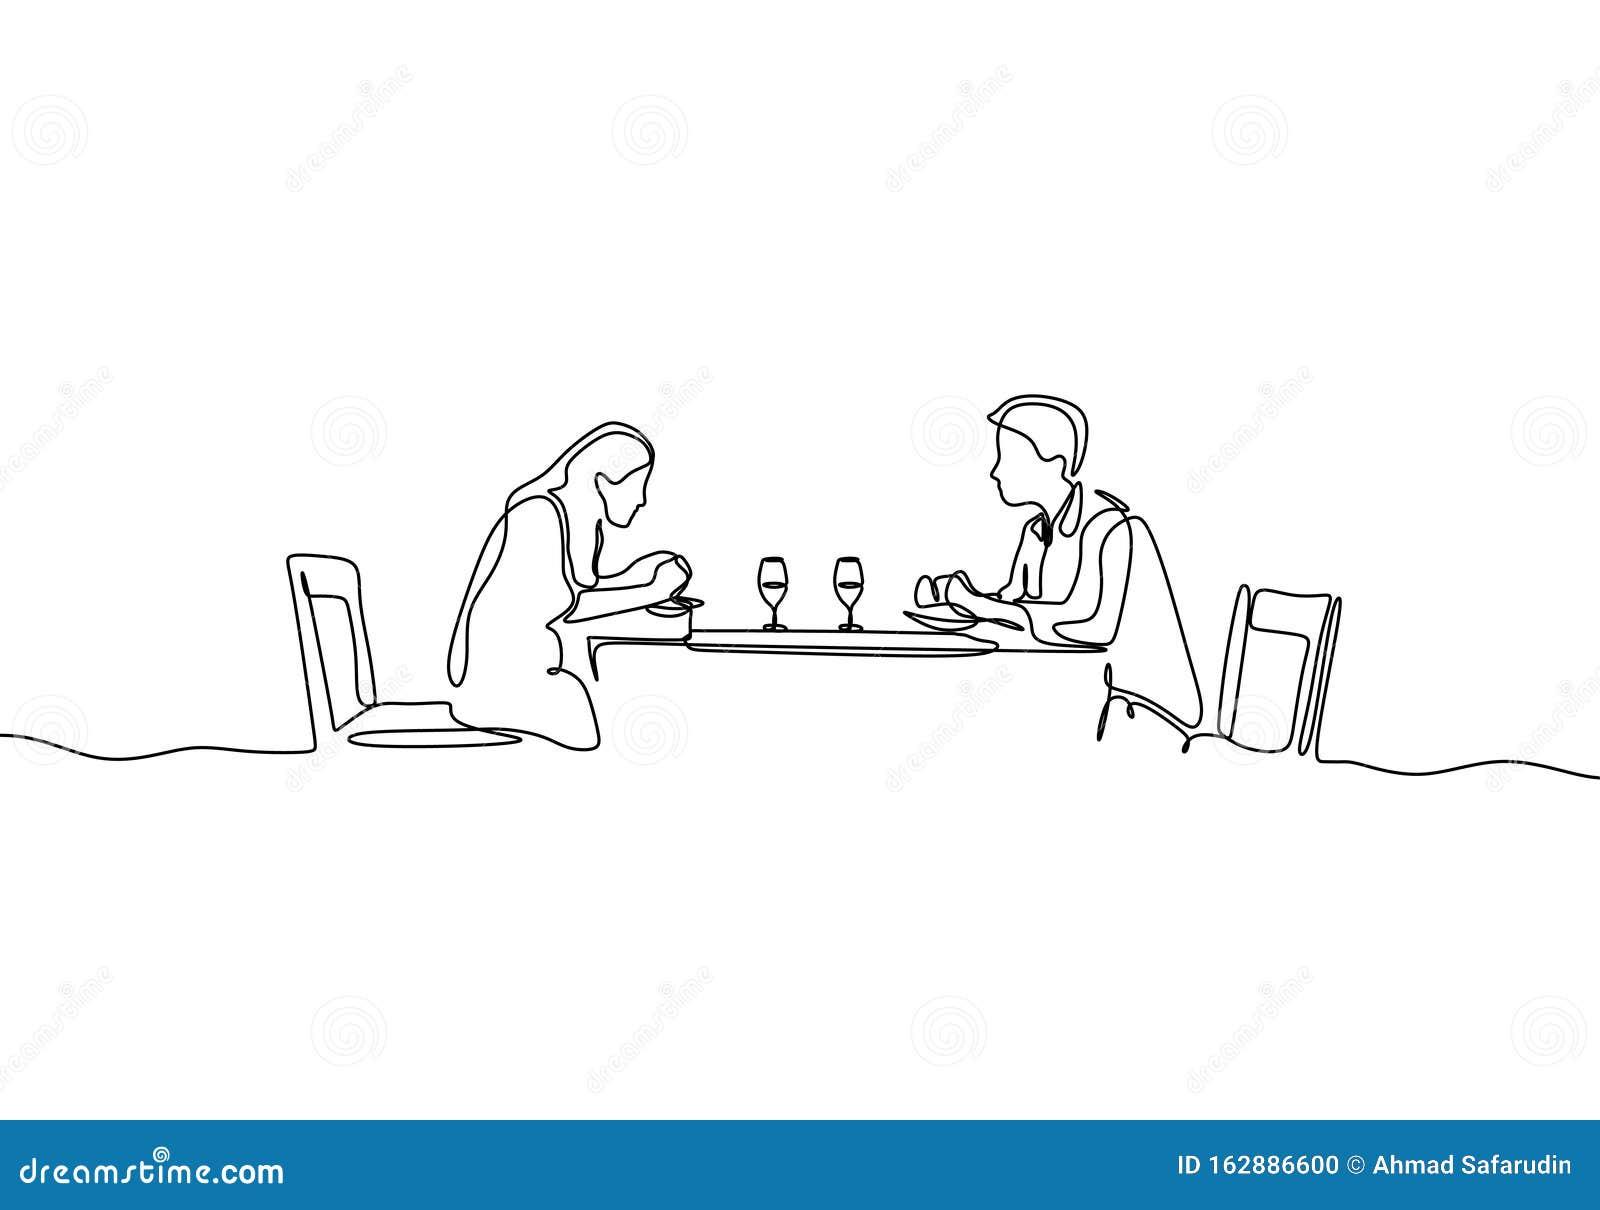 pof free dating app v3.27.0.1416470 unlocked apk